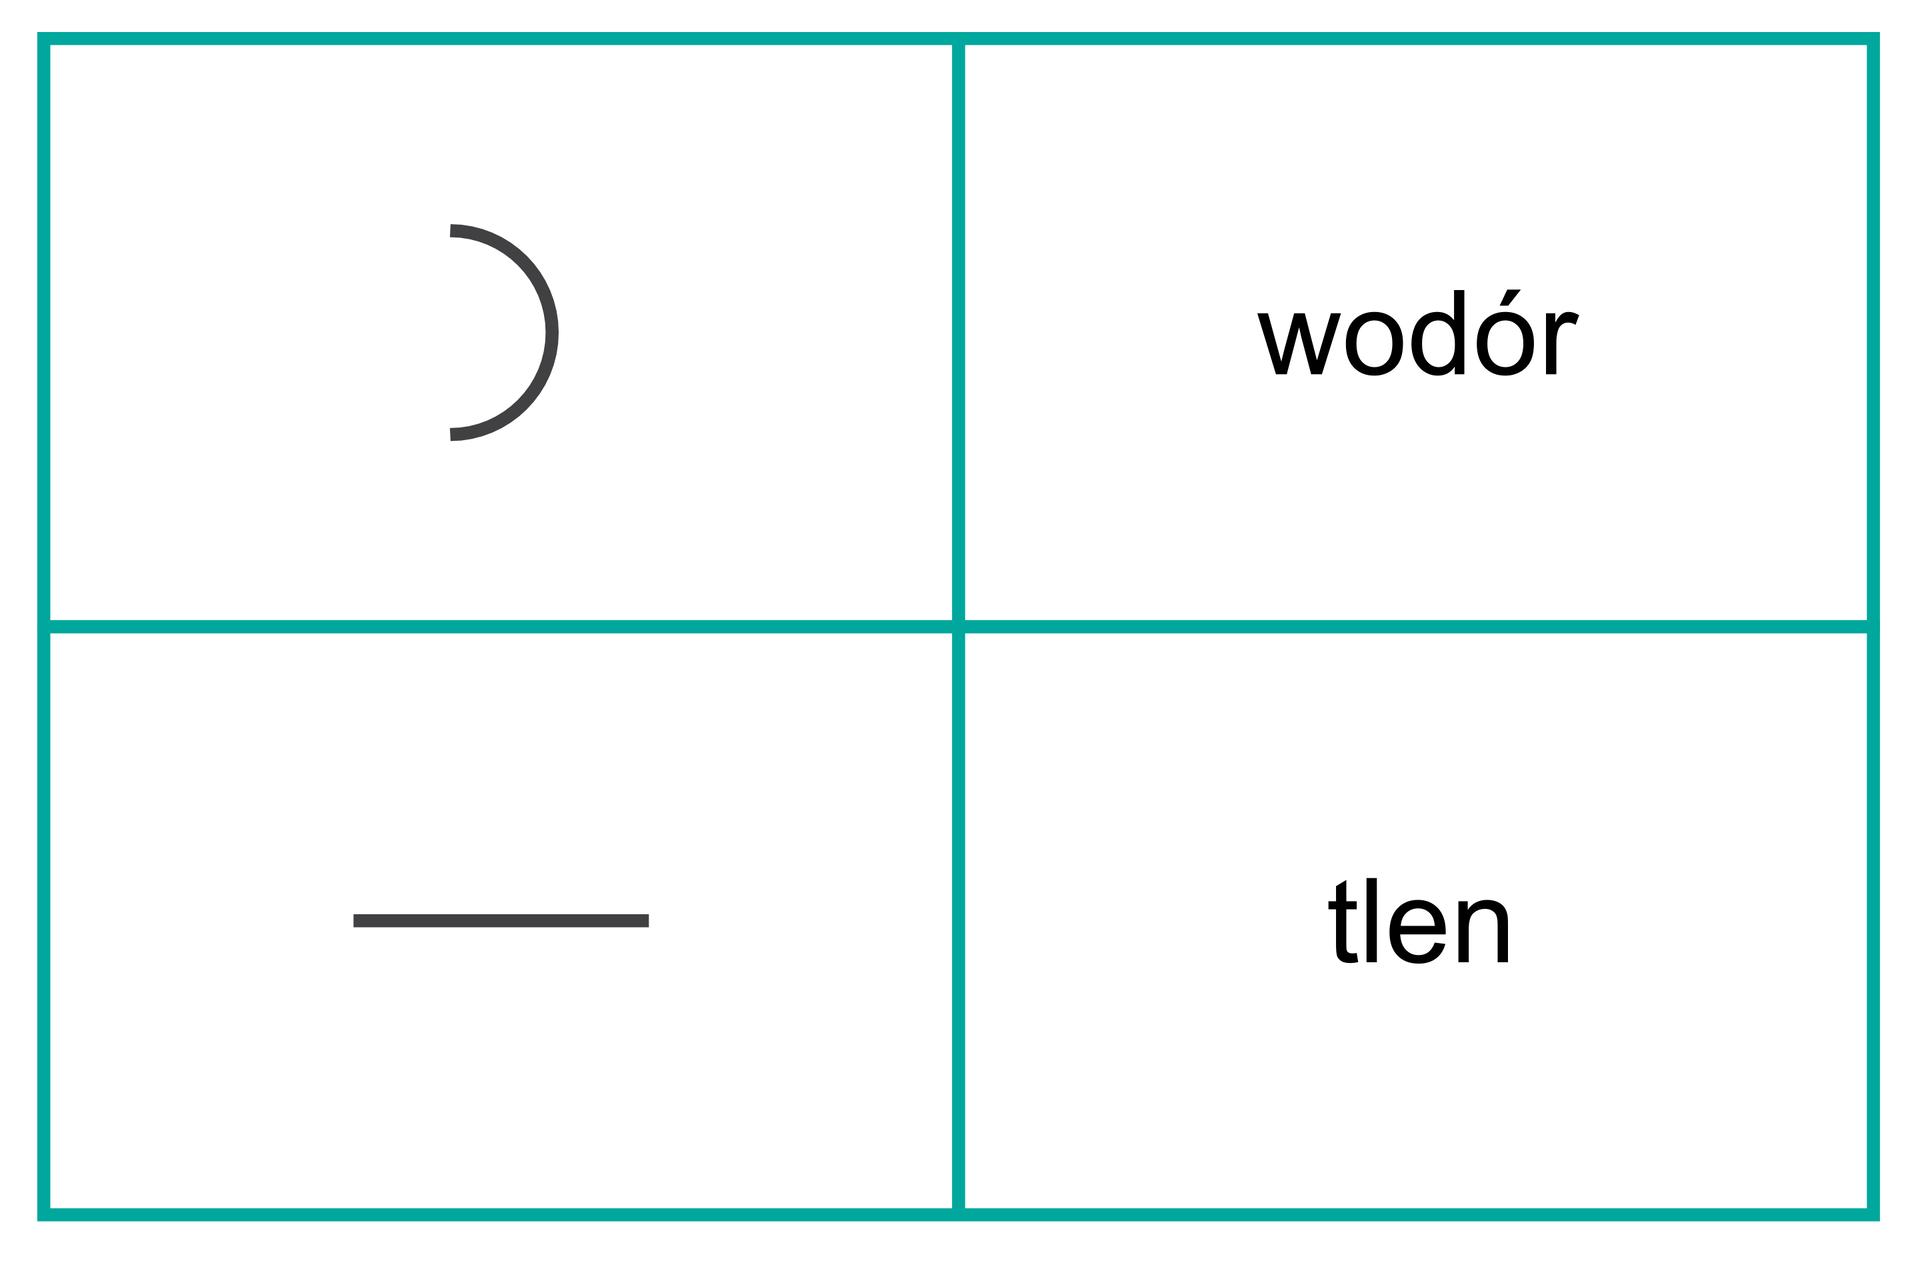 Rysunki symboli wodoru itlenu zaproponowanych przez Adeta iHassenfratza. Dla wodoru jest to prawa połowa okręgu, adla tlenu pozioma linia.